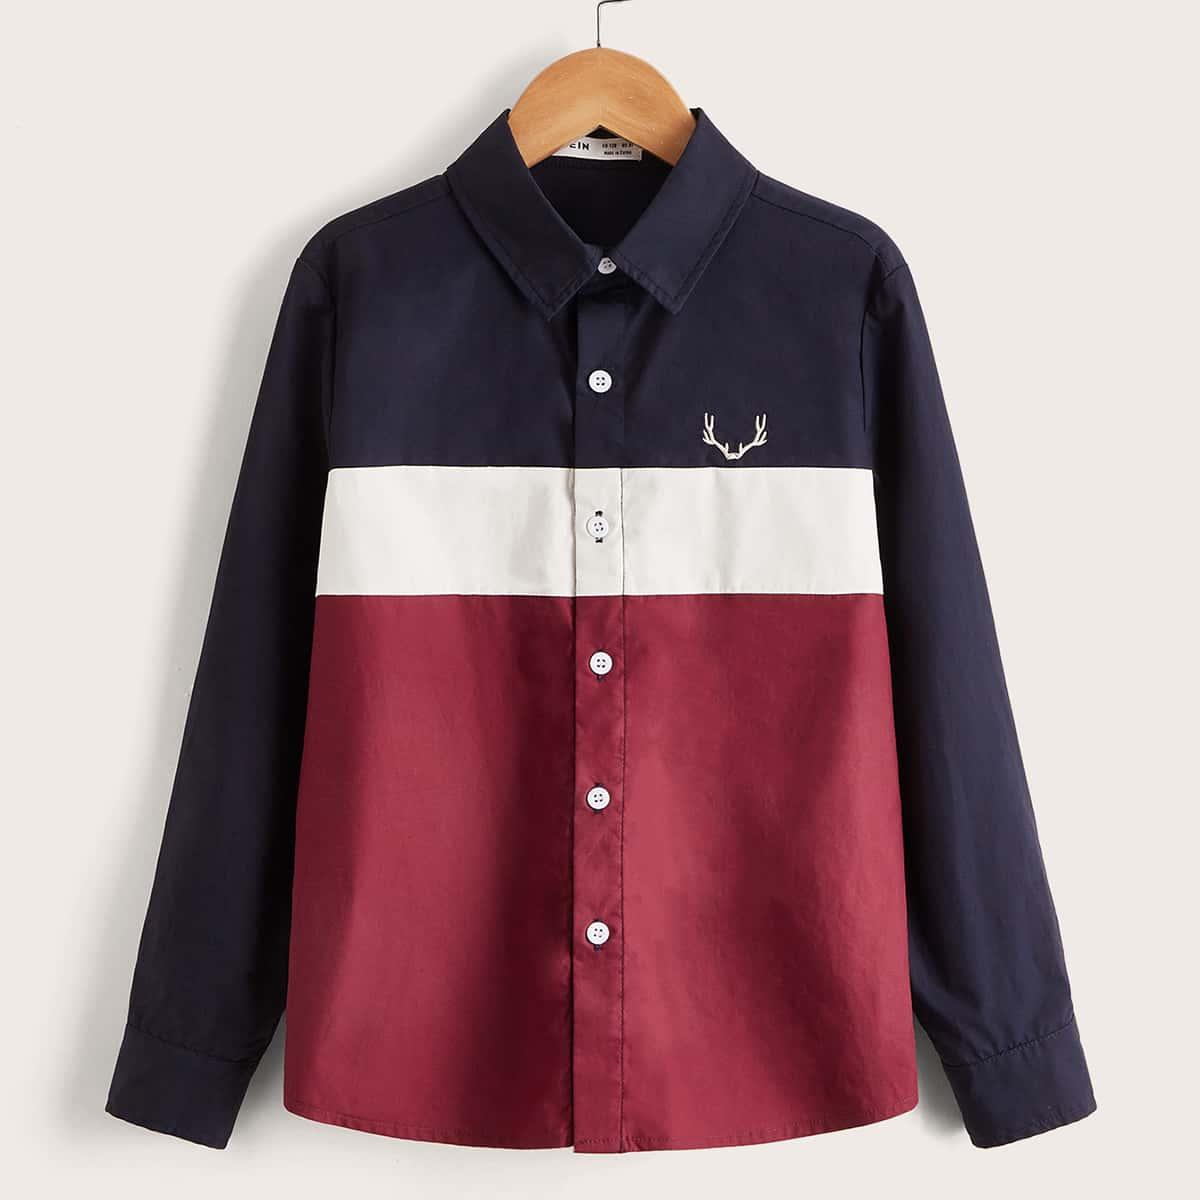 с вышивкой Пуговица Контрастный цвет графический принт Повседневный Рубашки для мальчиков